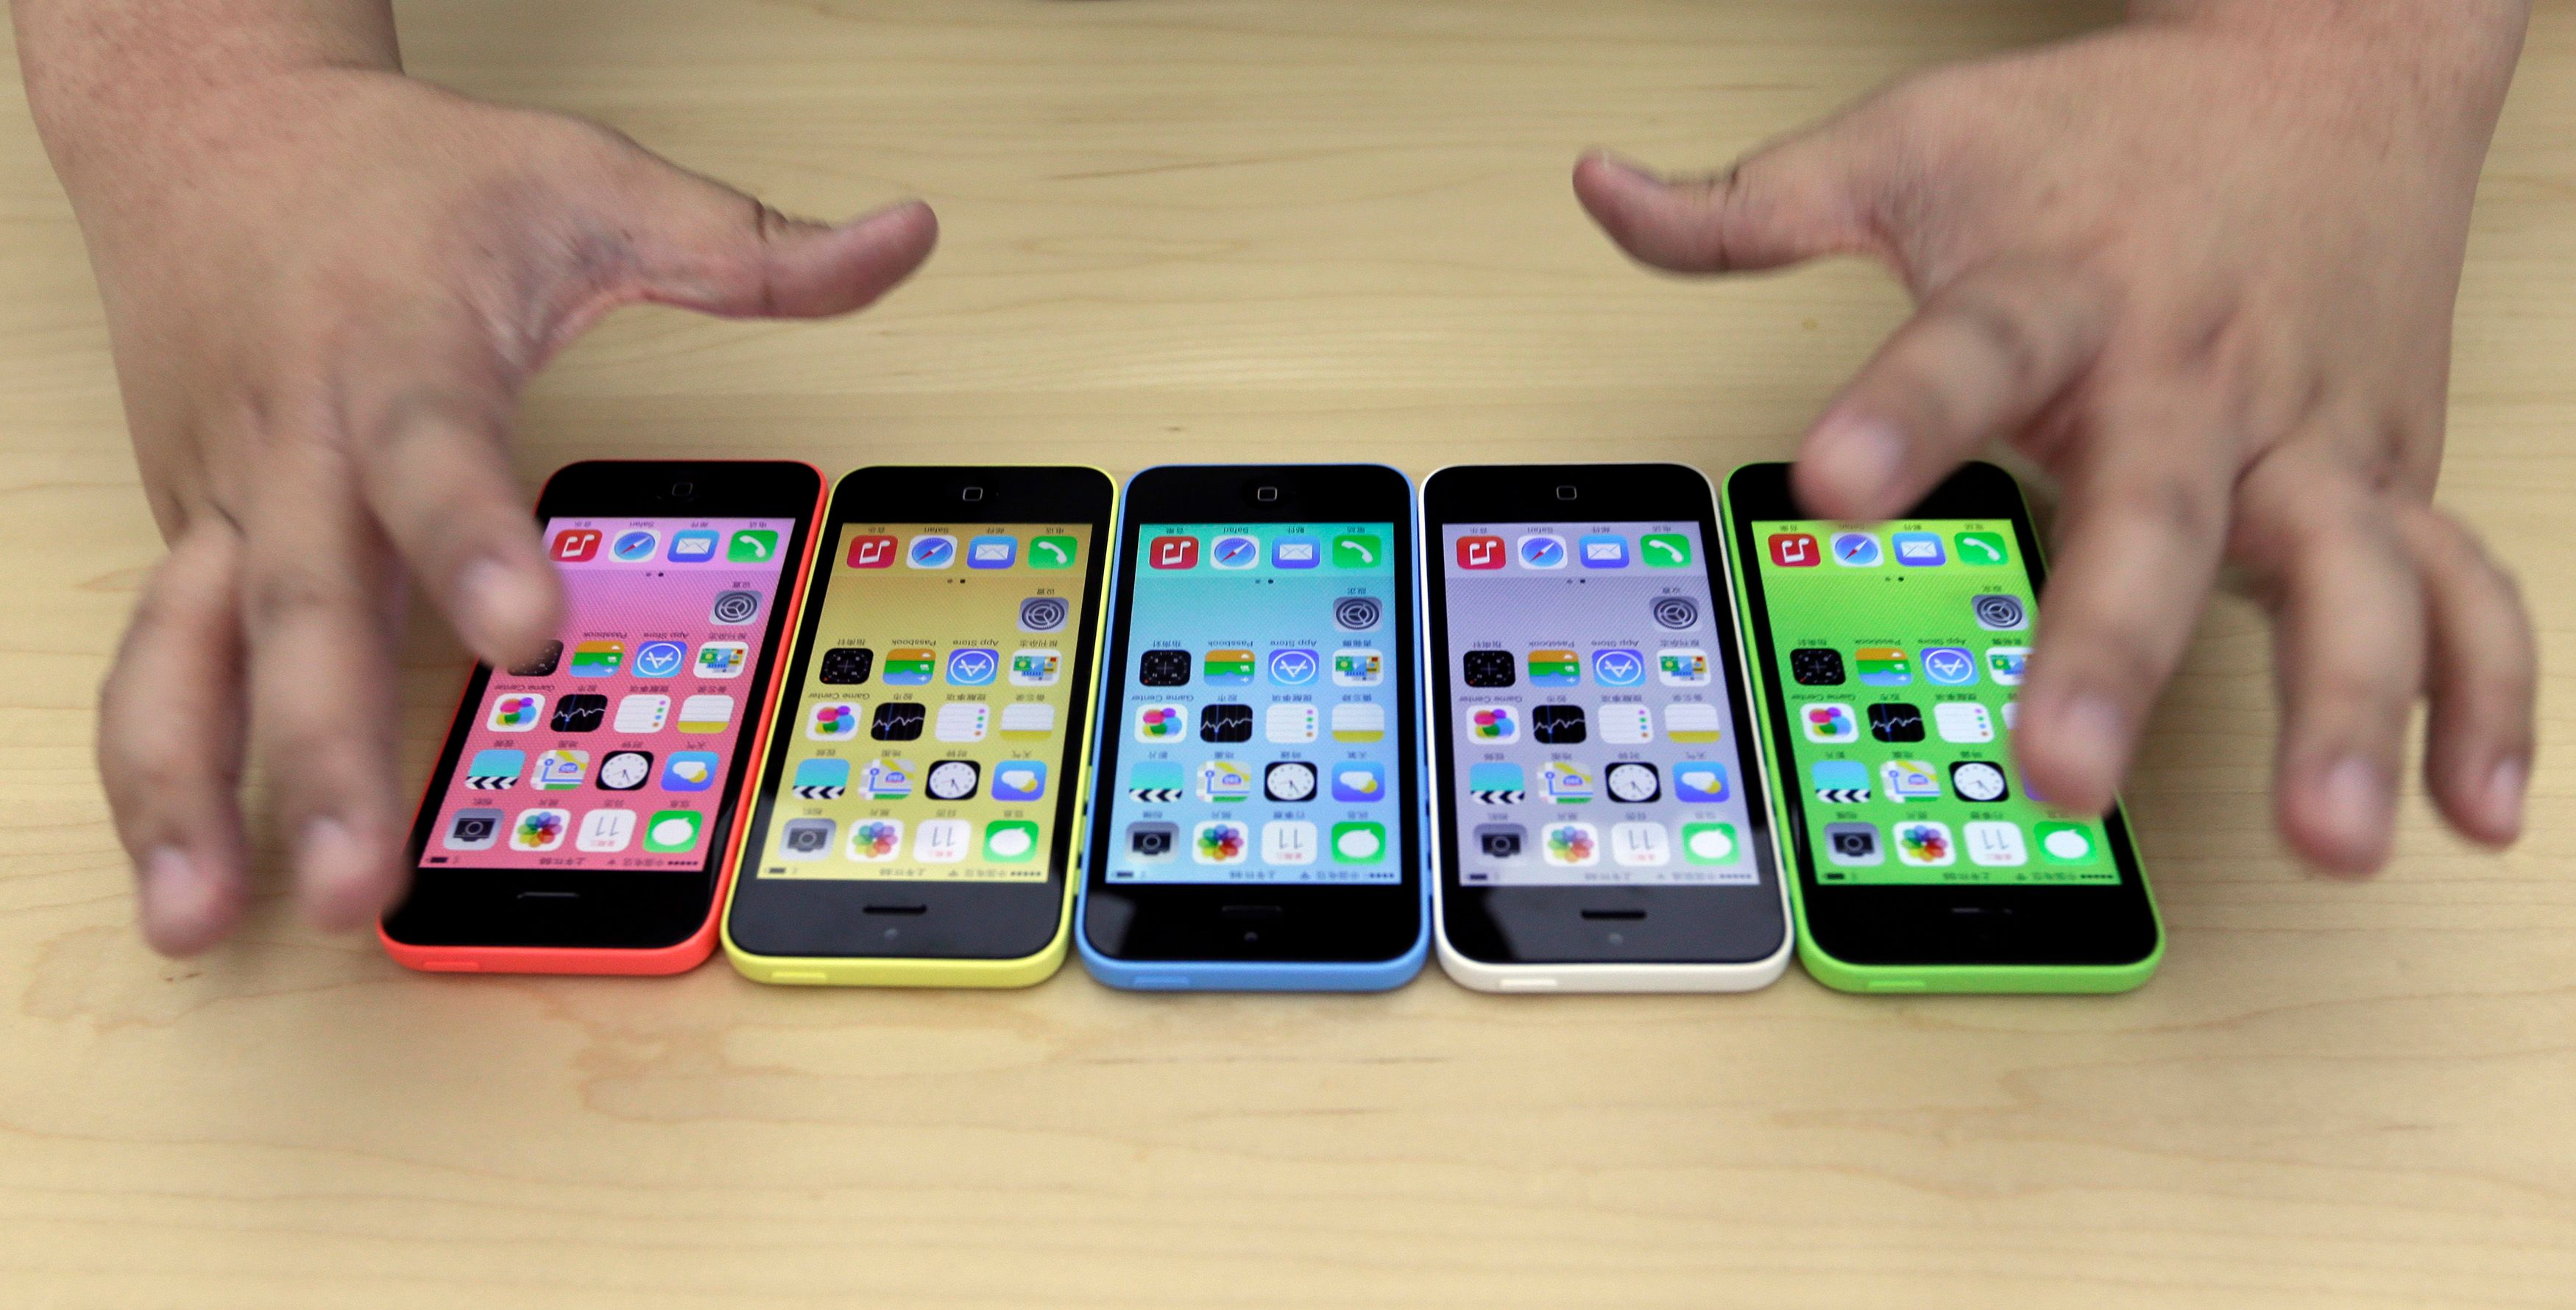 Les nouveaux iPhone 5C d'Apple.